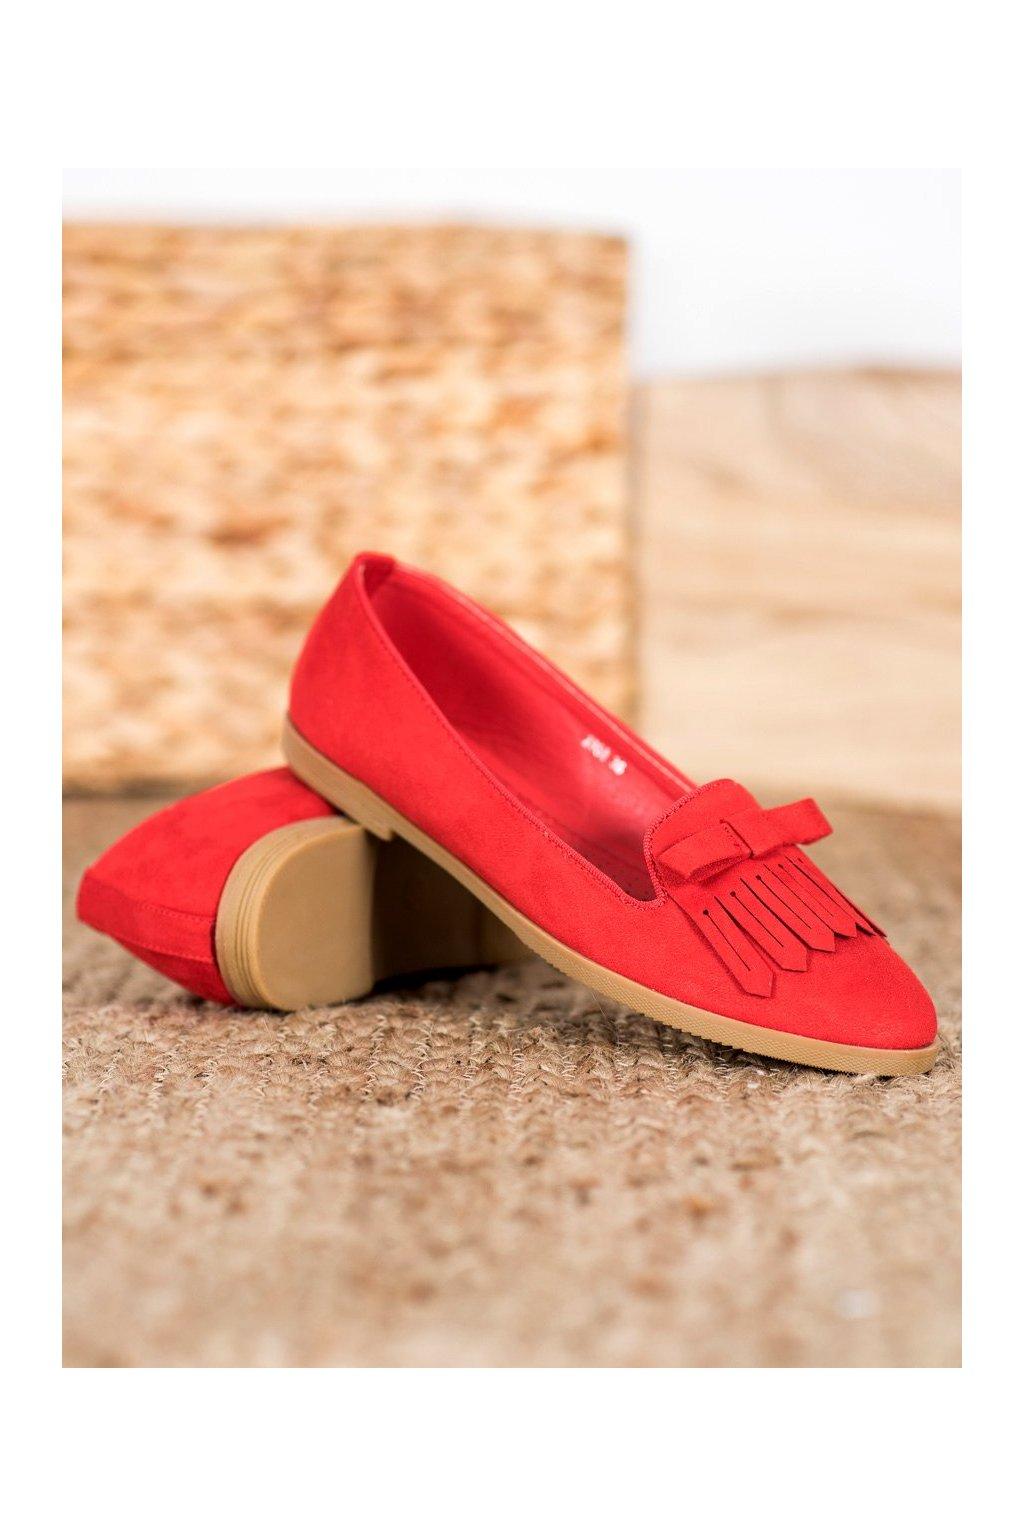 Červené dámske balerínky Coura kod 2358R